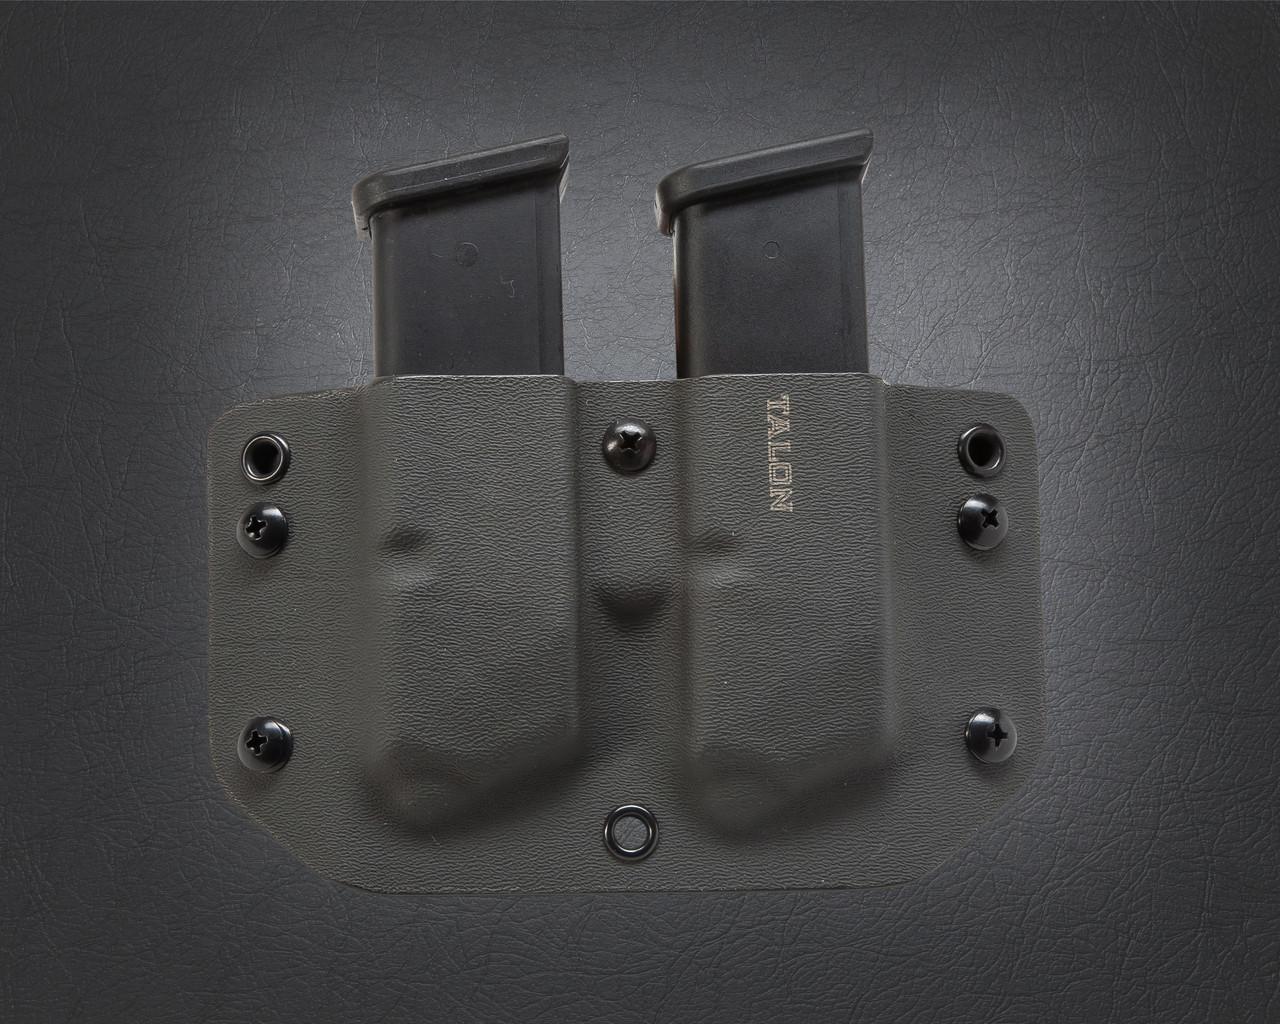 Talon Retention Systems - Double Magazine Carrier